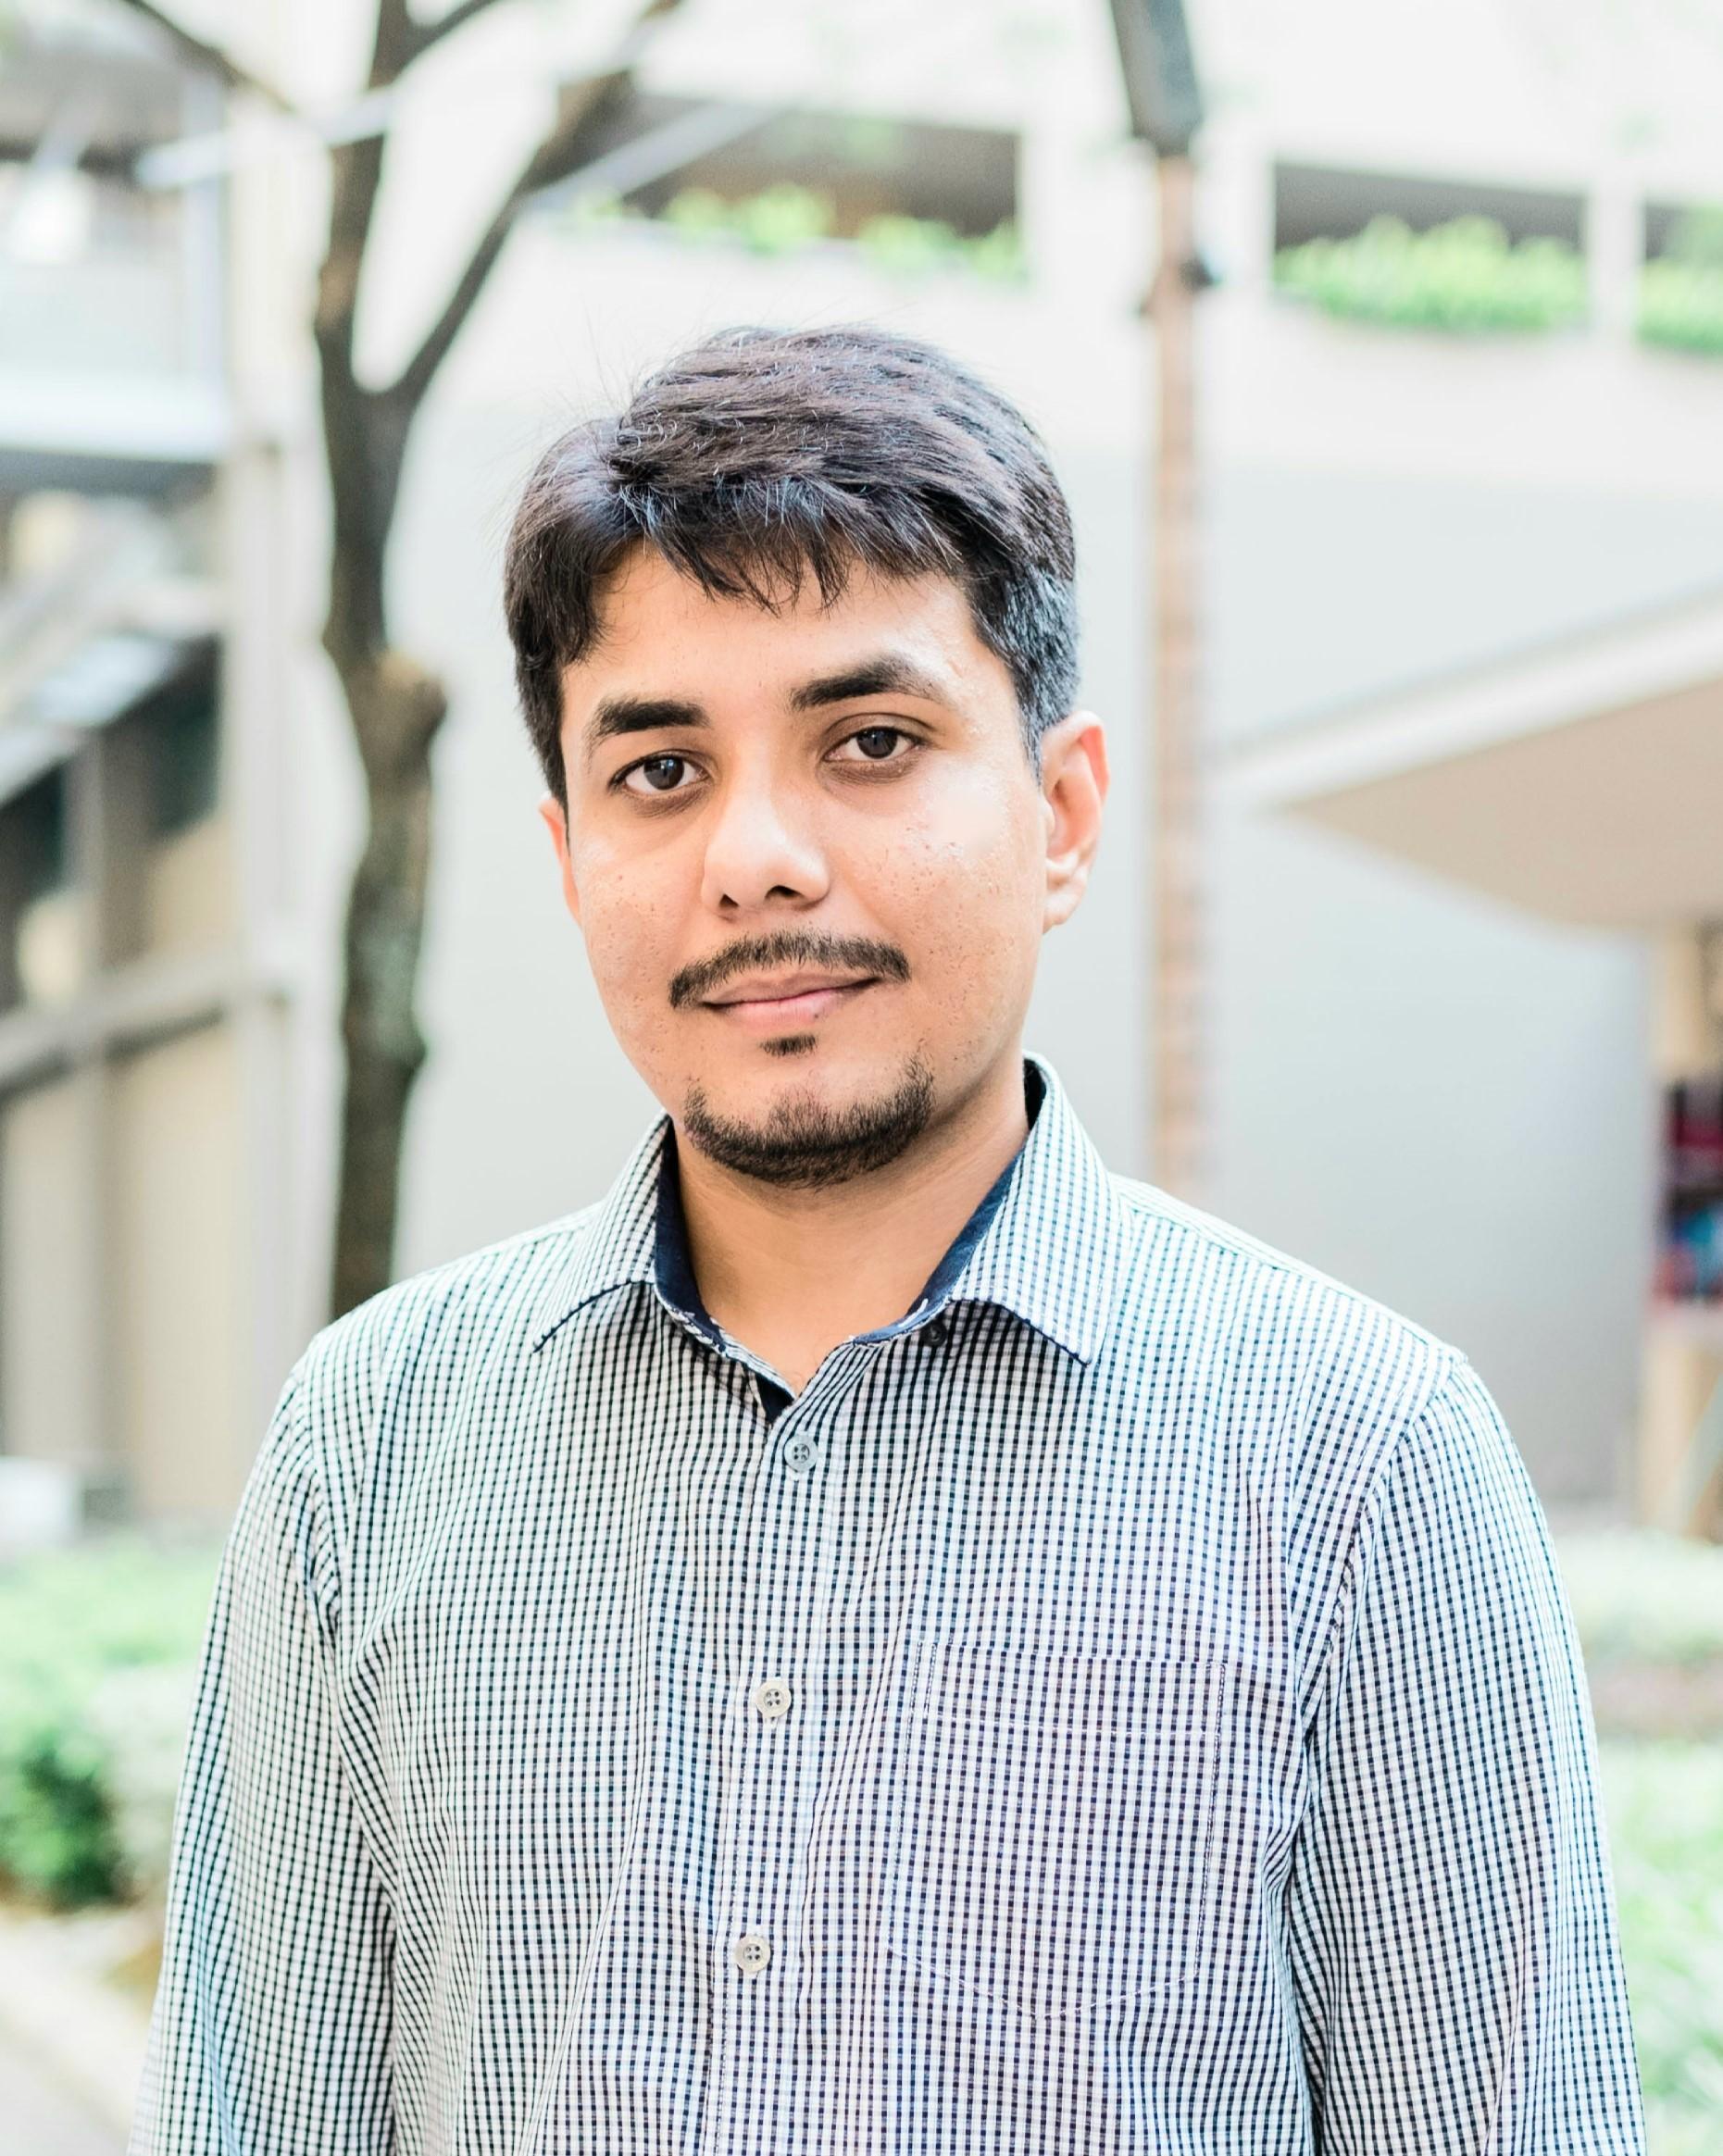 Ahmad Junaid